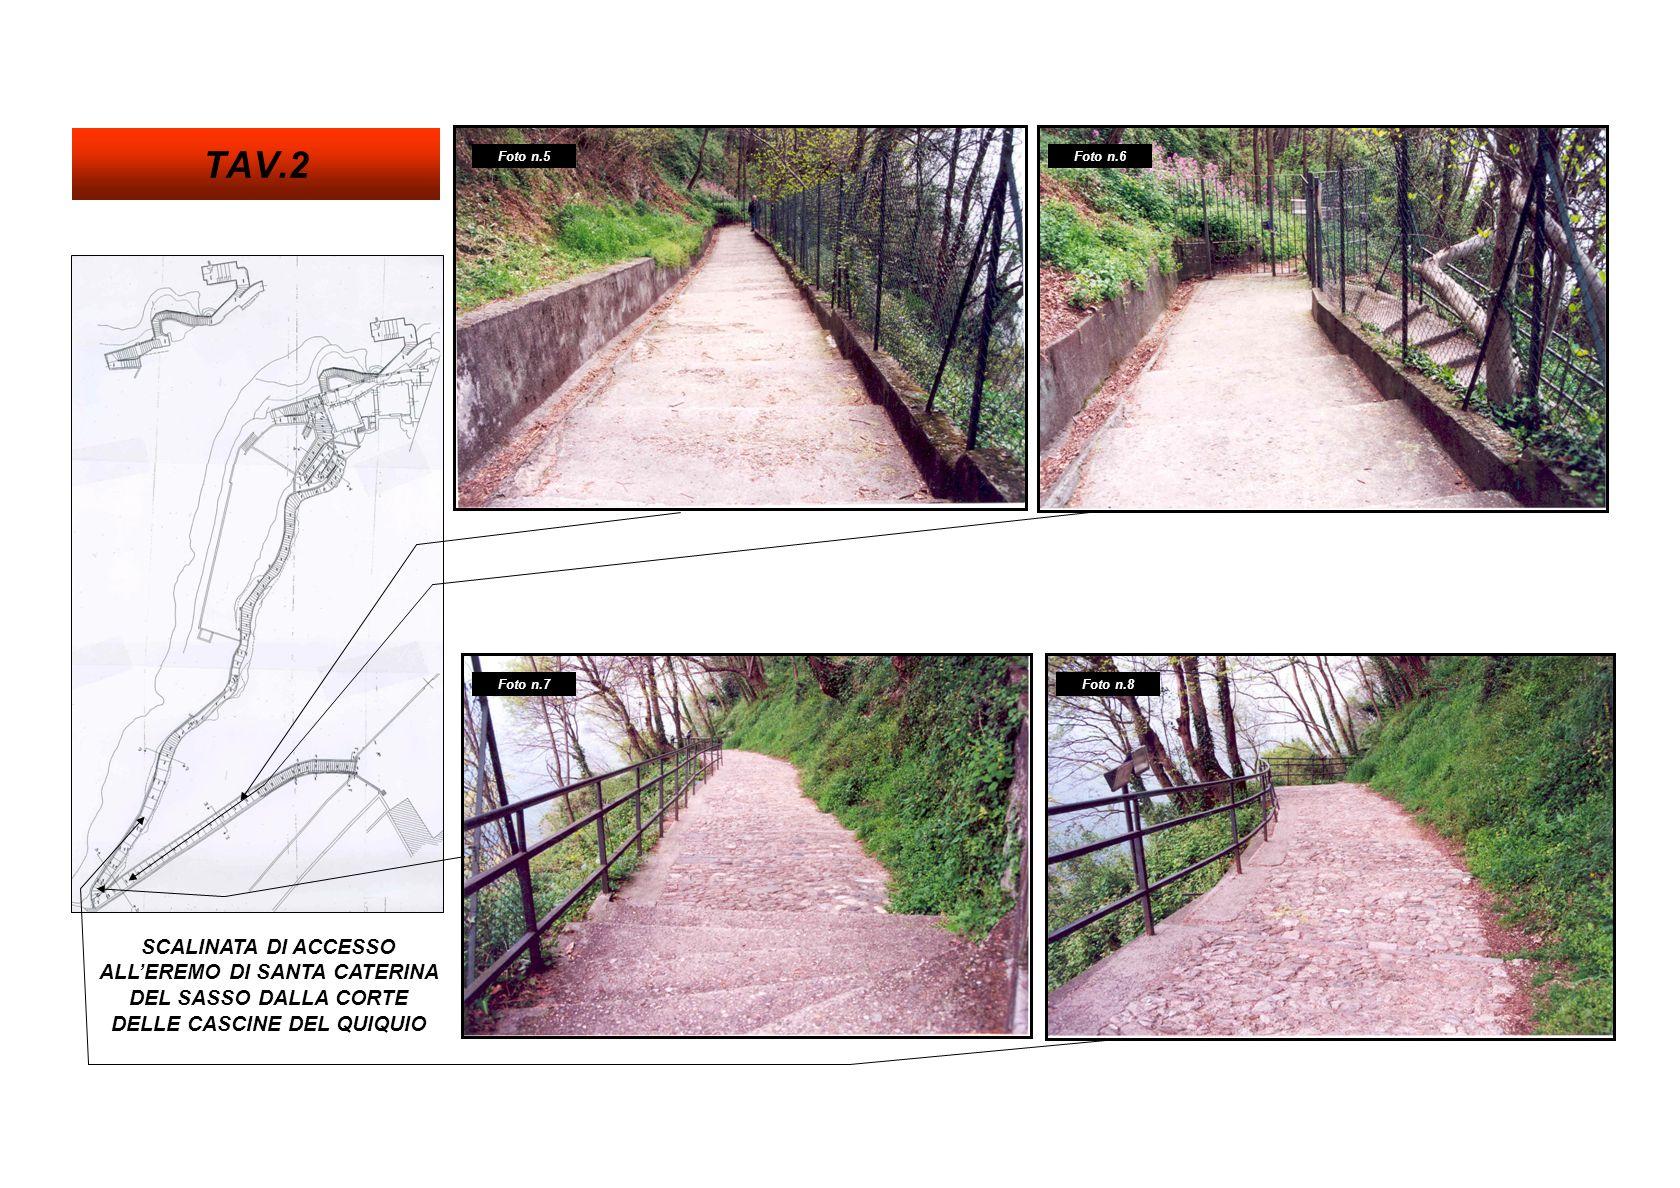 SCALINATA DI ACCESSO ALLEREMO DI SANTA CATERINA DEL SASSO DALLA CORTE DELLE CASCINE DEL QUIQUIO Foto n.12 Foto n.10 Foto n.11 Foto n.9 TAV.3